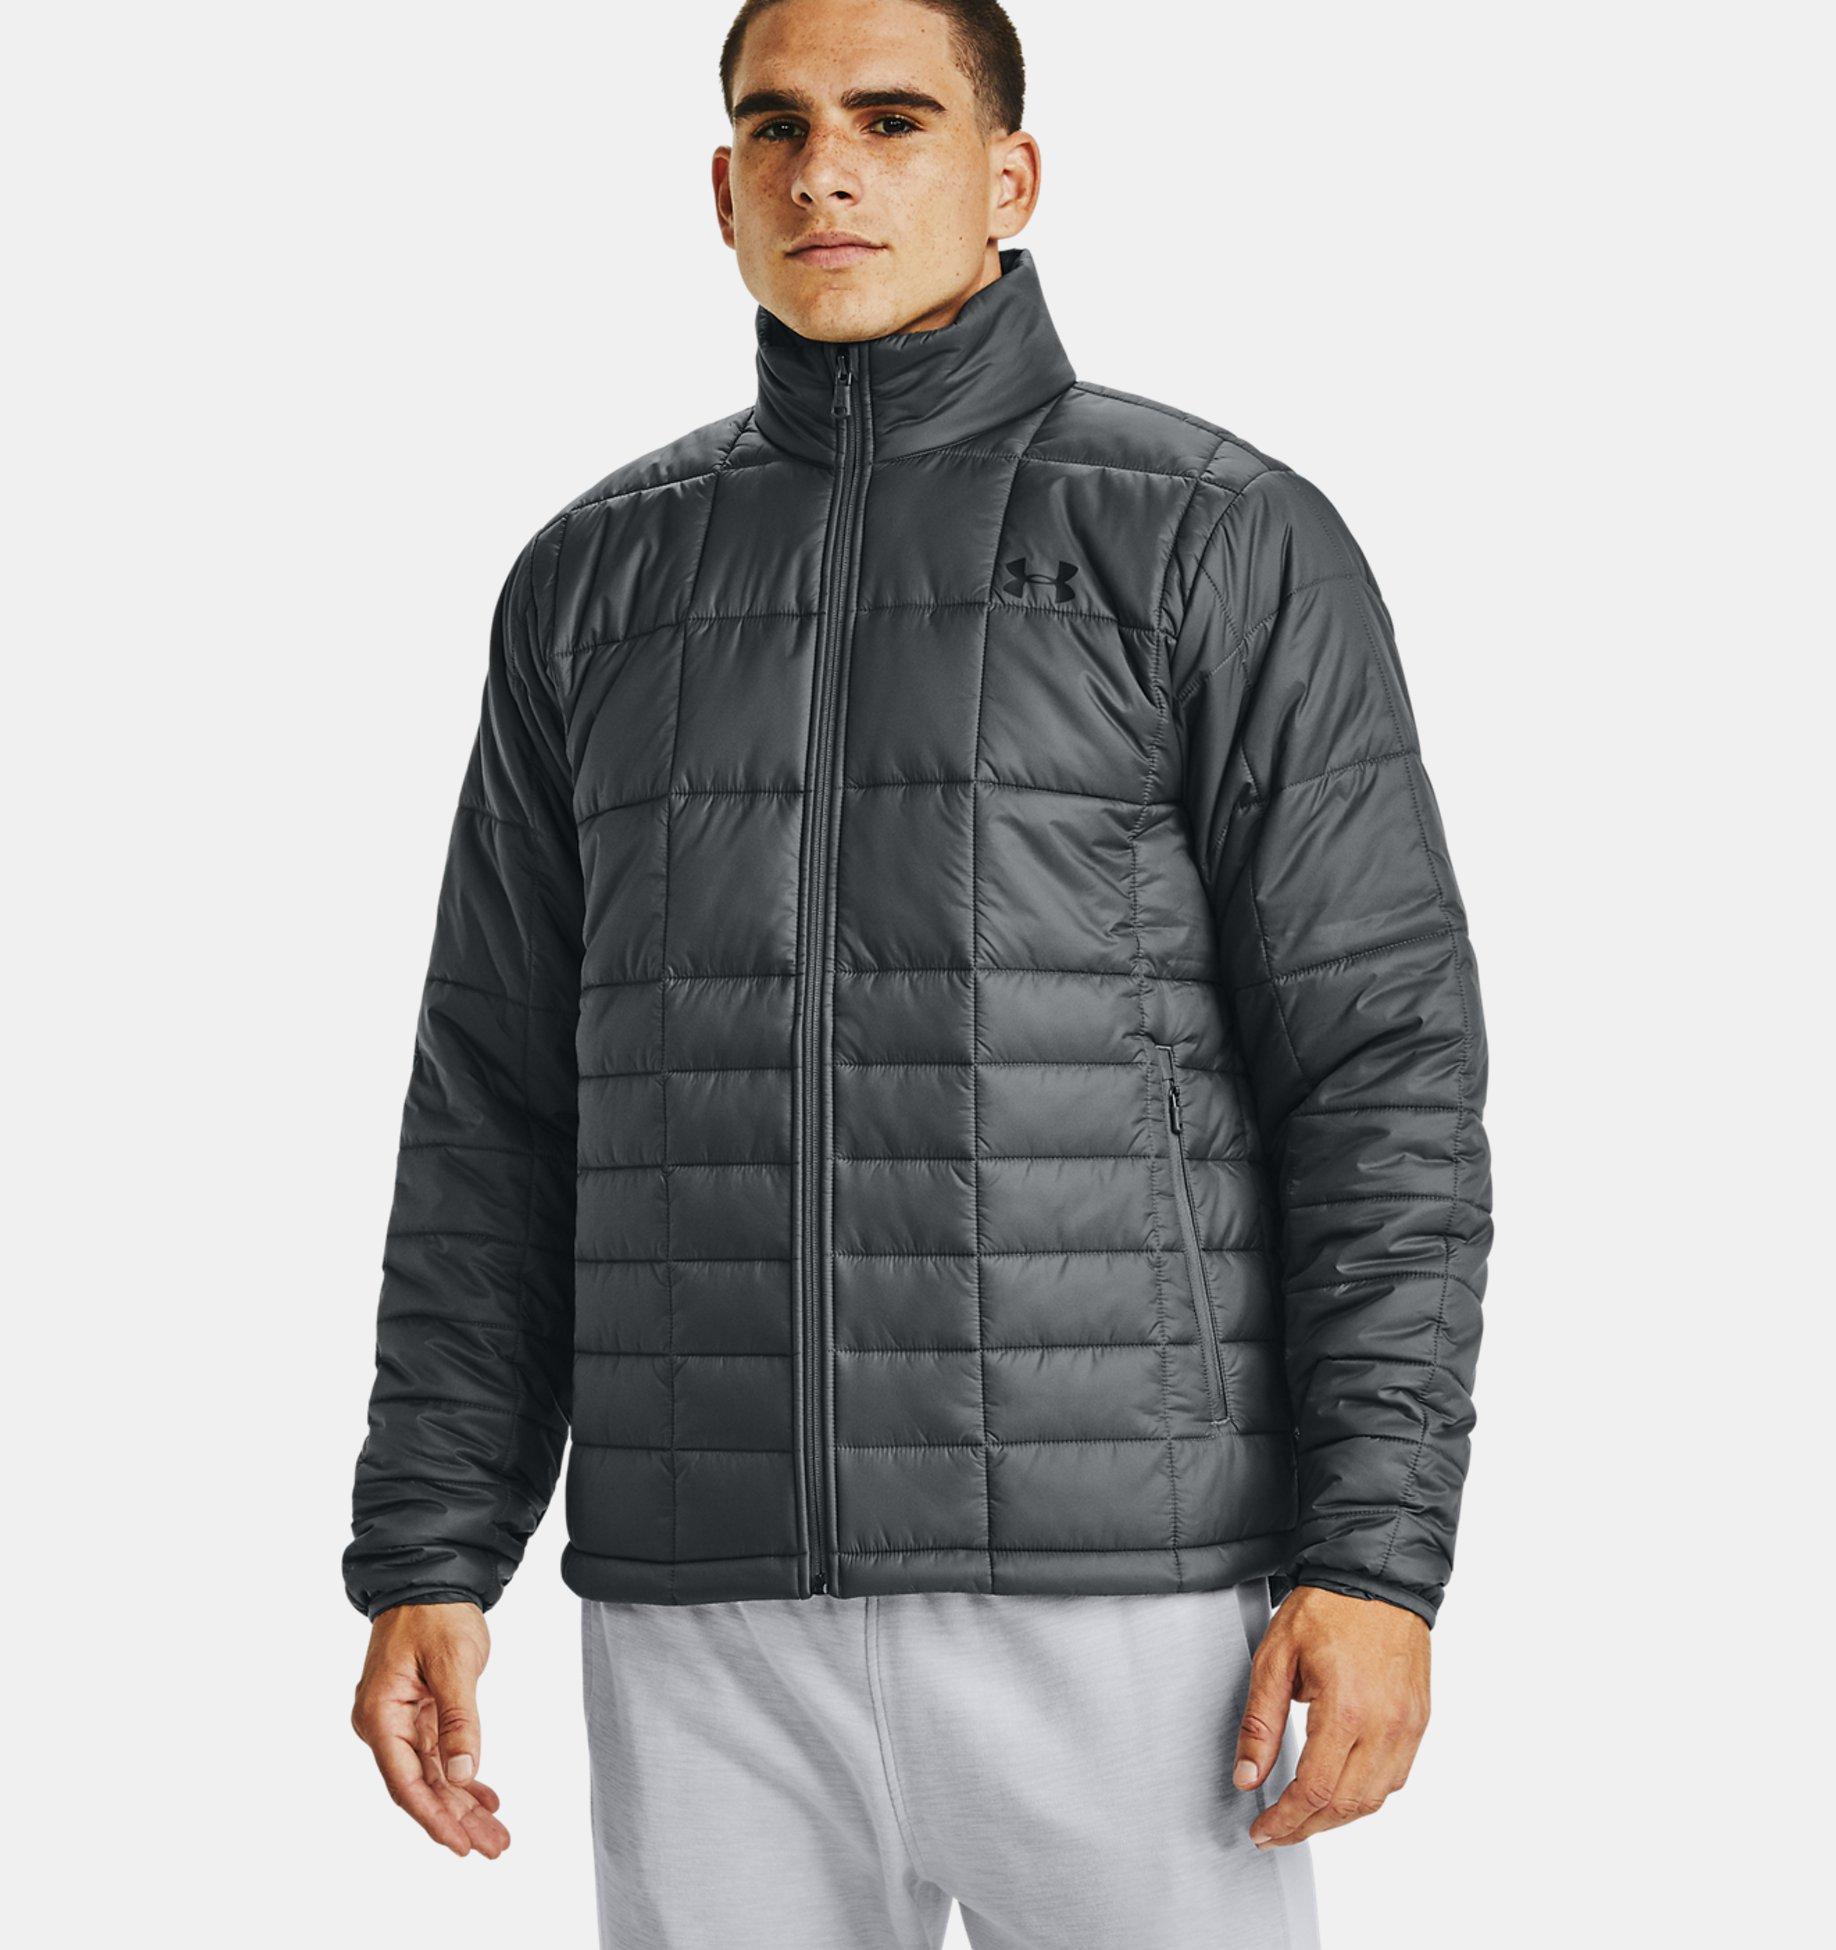 Underarmour Mens UA Armour Insulated Jacket